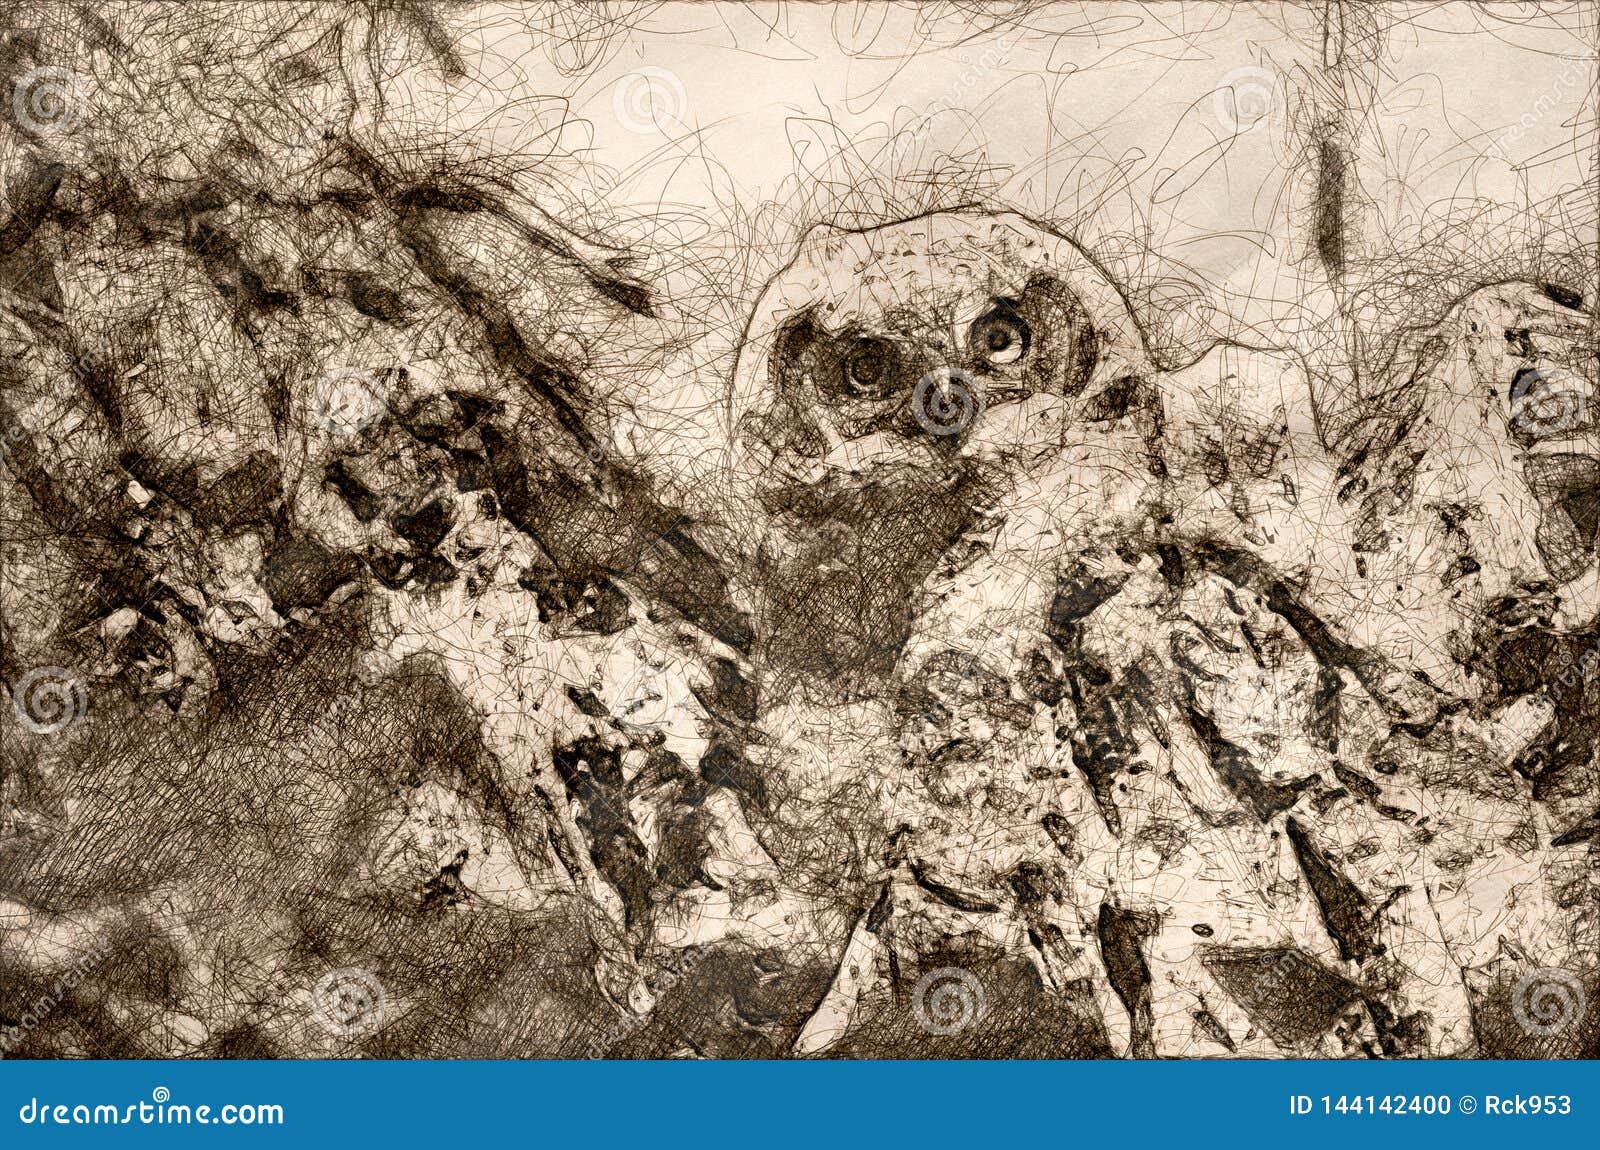 Schets van een Jonge Jonge uil die Direct Oogcontact van Zijn Nest opnemen